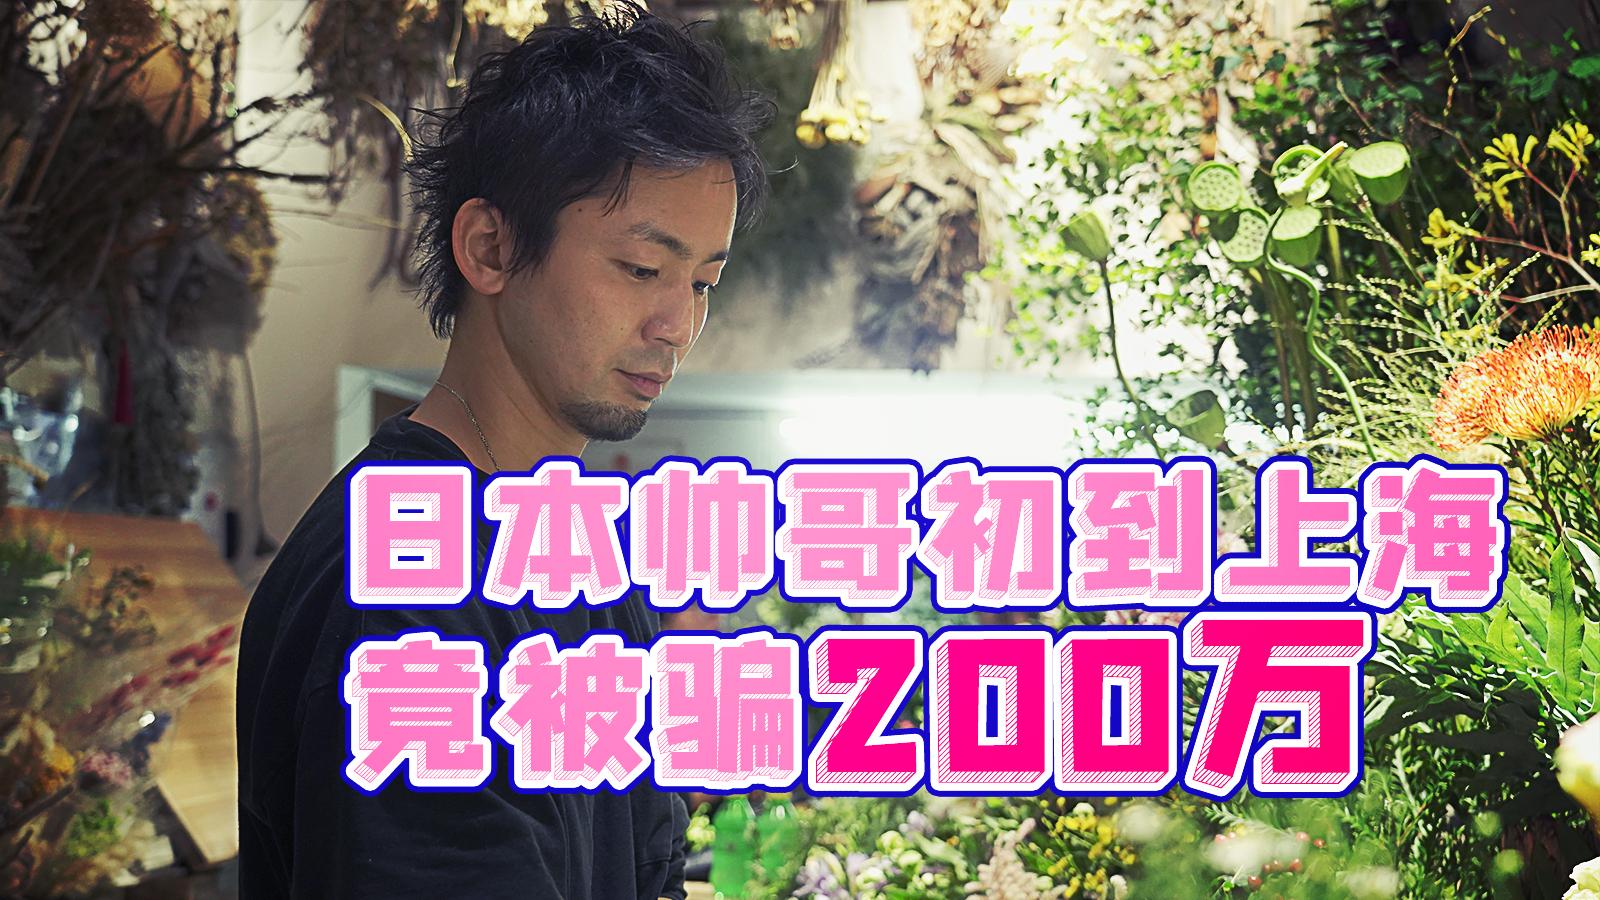 """日本""""花痴""""帅哥,初到上海被骗200万却从未放弃,追梦路上绽放花样人生!【我住在这里的理由220】"""